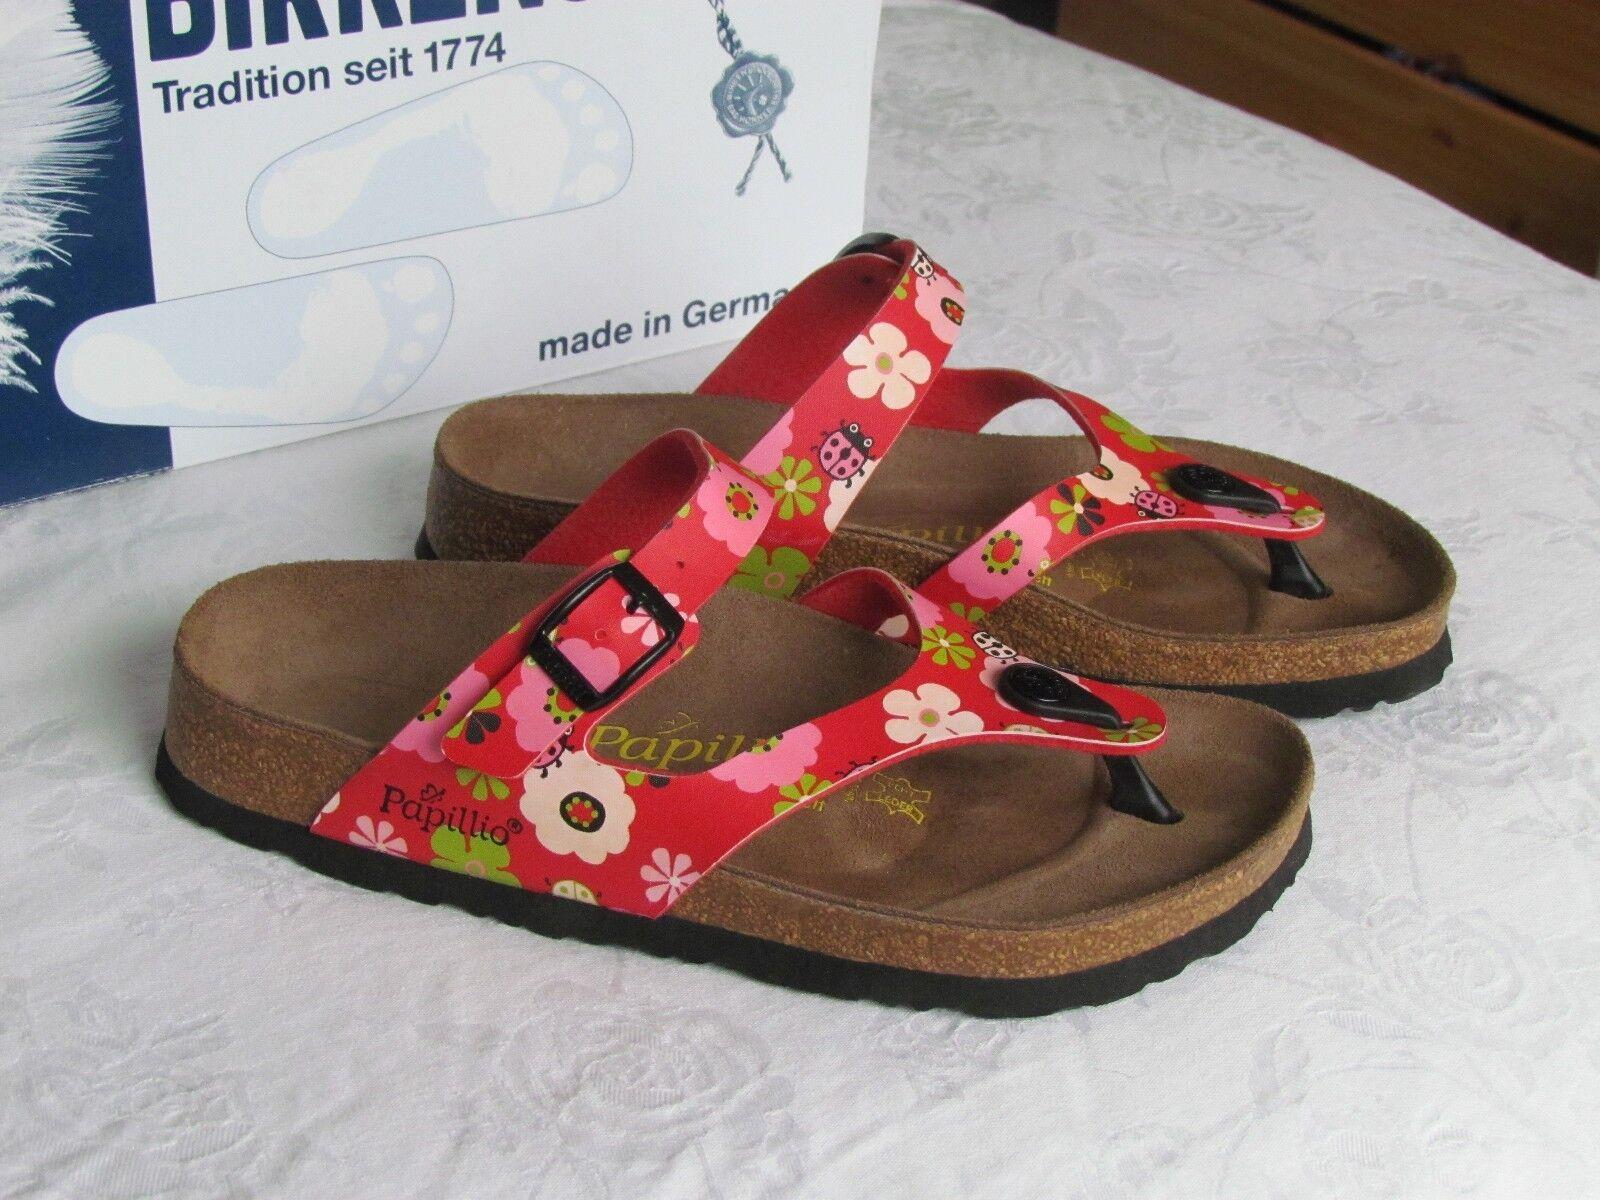 Nuevas damas Papillio by Birkenstock Rojo Ladybird Mulas Sandalias UK Size 3.5